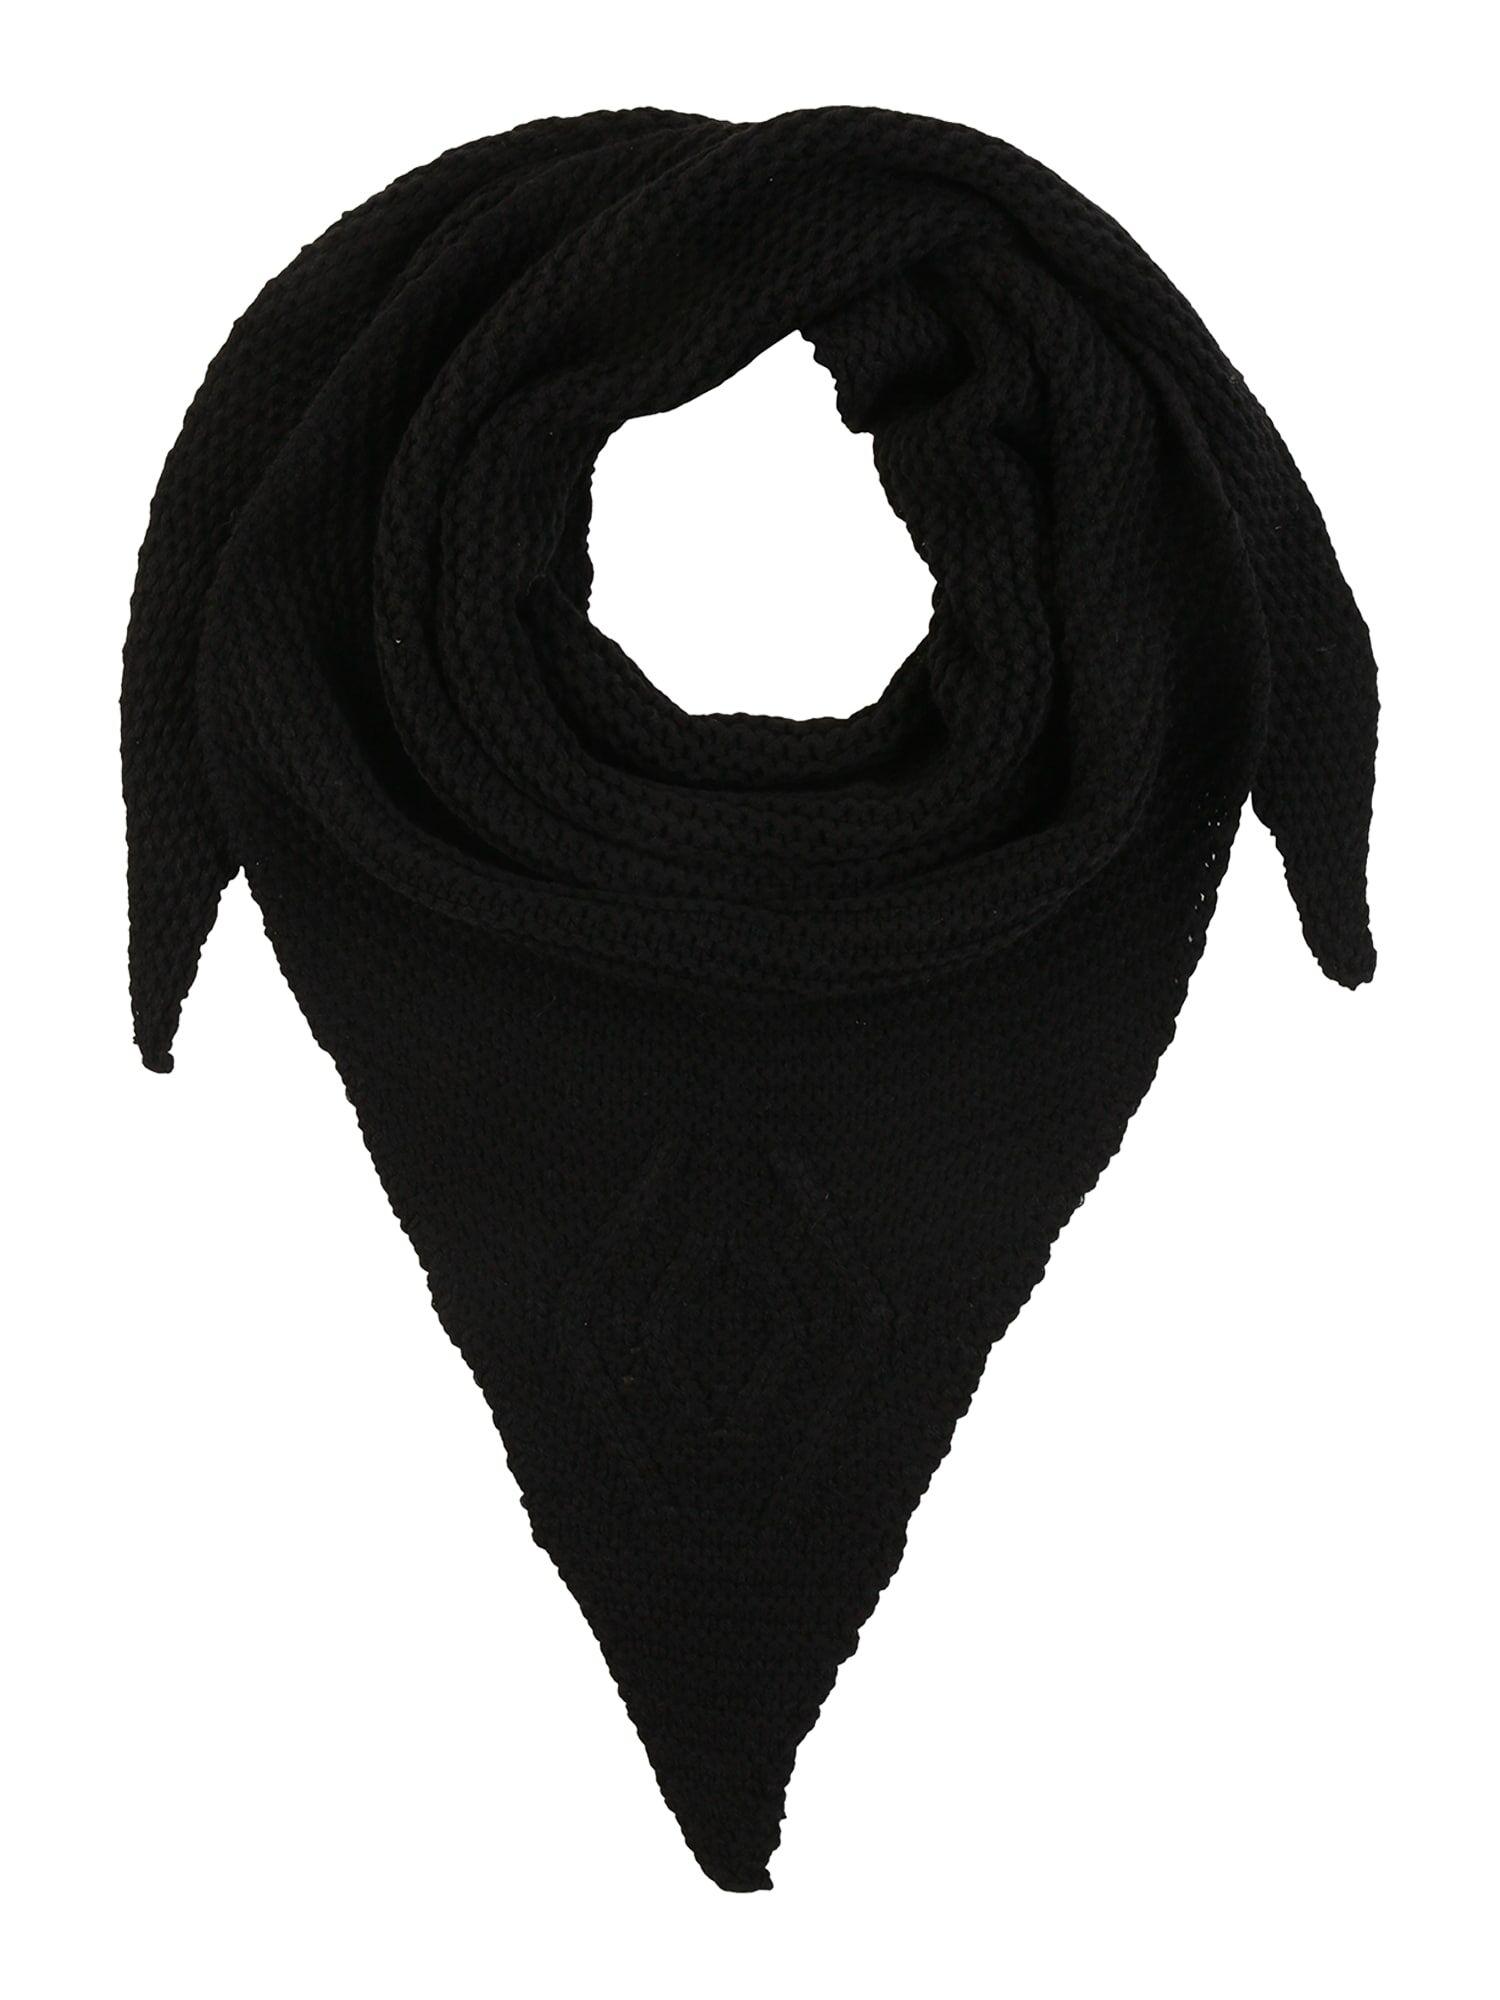 TAMARIS Masque en tissu  - Noir - Taille: One Size - female